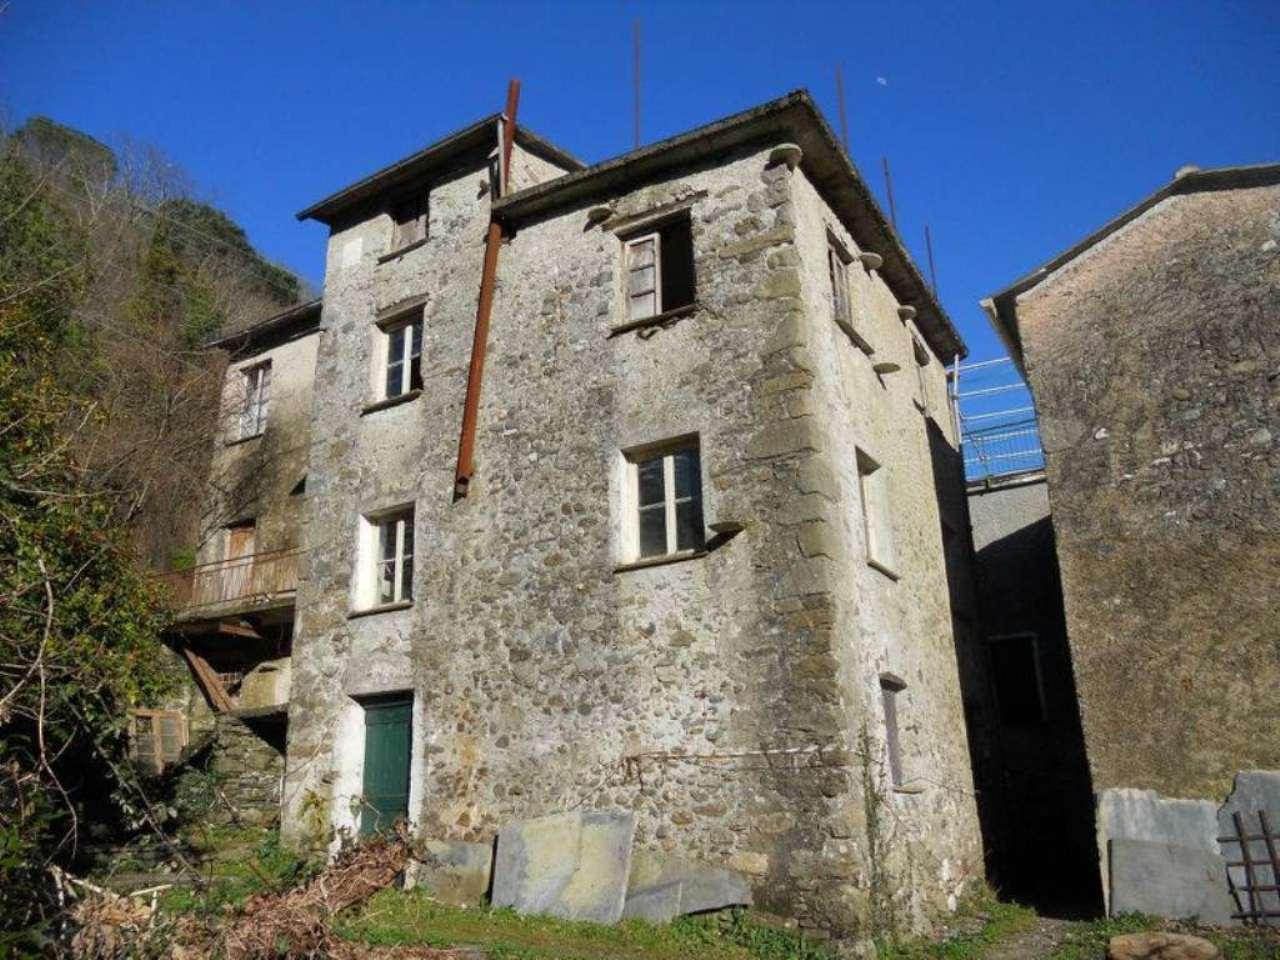 Rustico / Casale in vendita a San Colombano Certenoli, 7 locali, prezzo € 70.000 | Cambio Casa.it